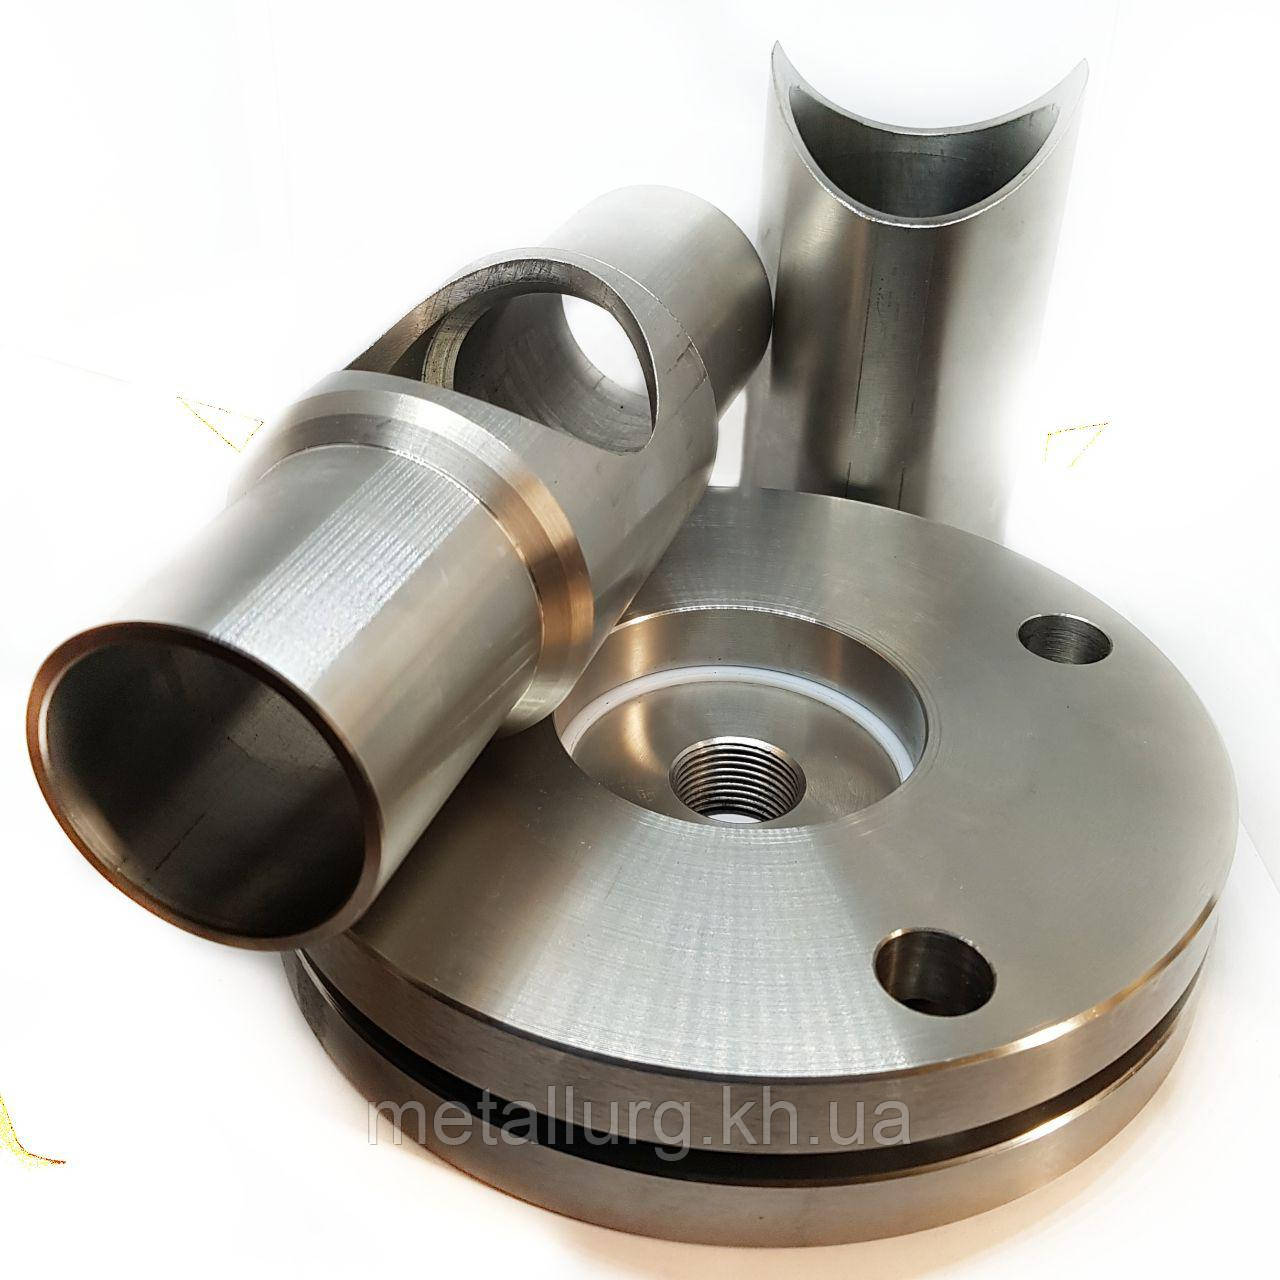 Токарно-фрезерные услуги по обработке металлов